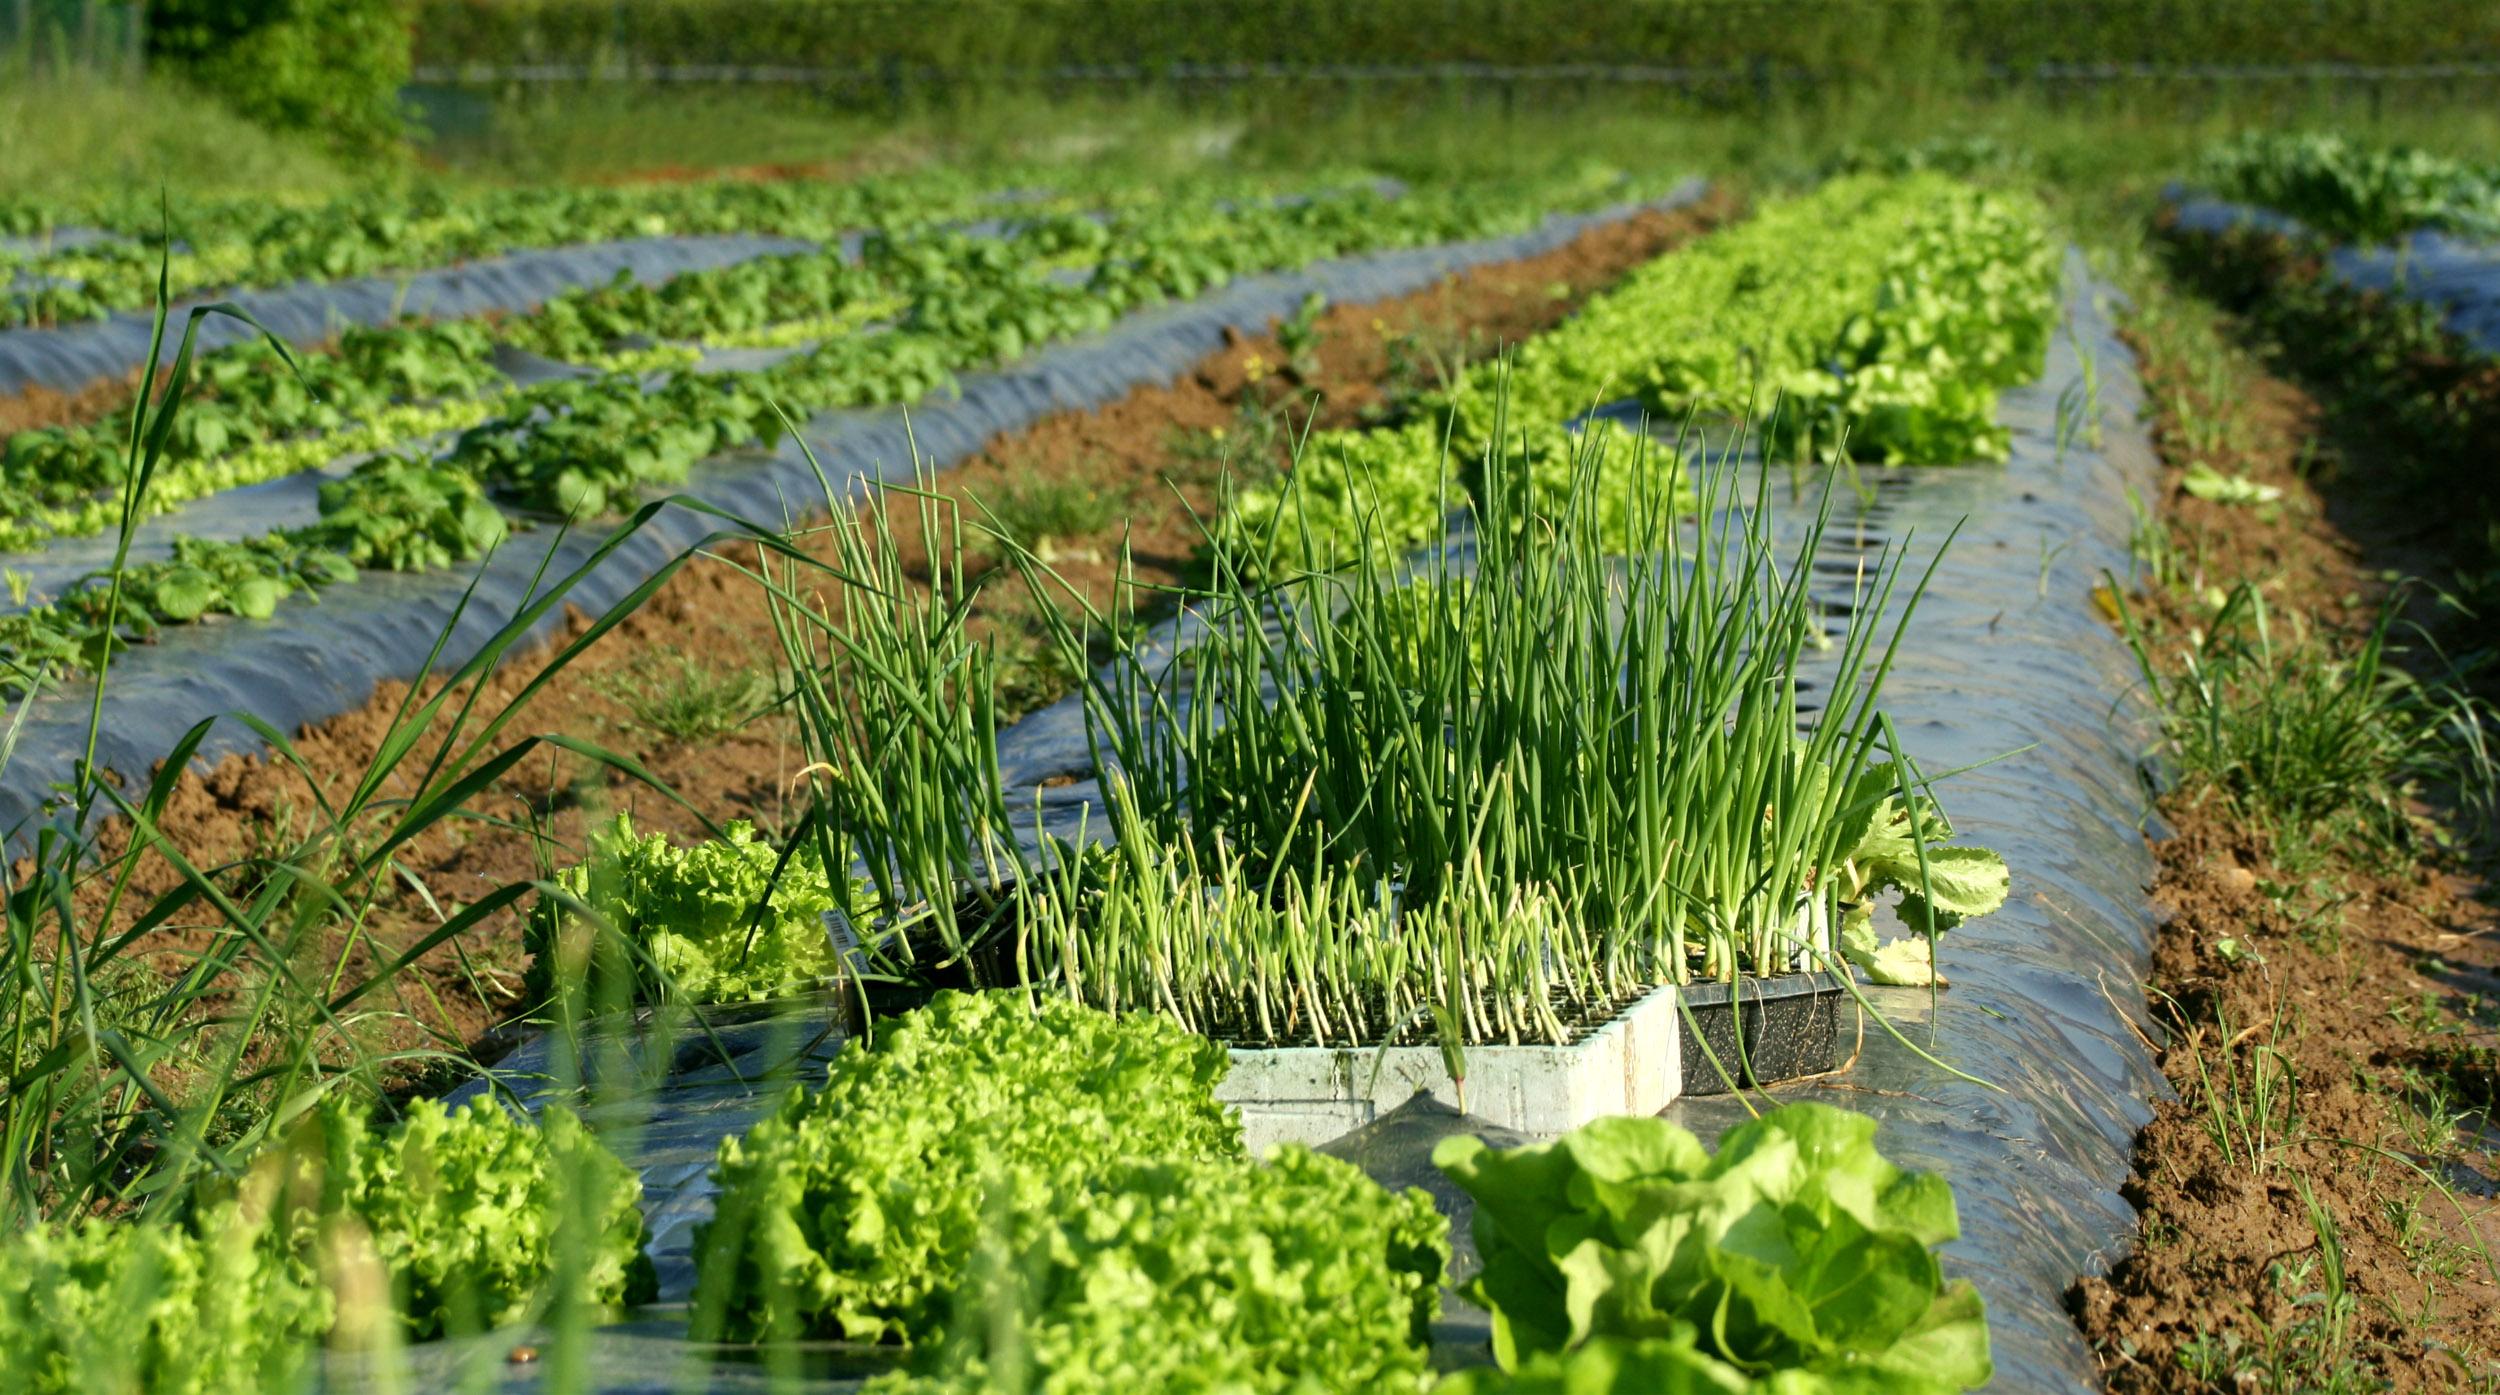 verdura-da-agricoltura-biologica